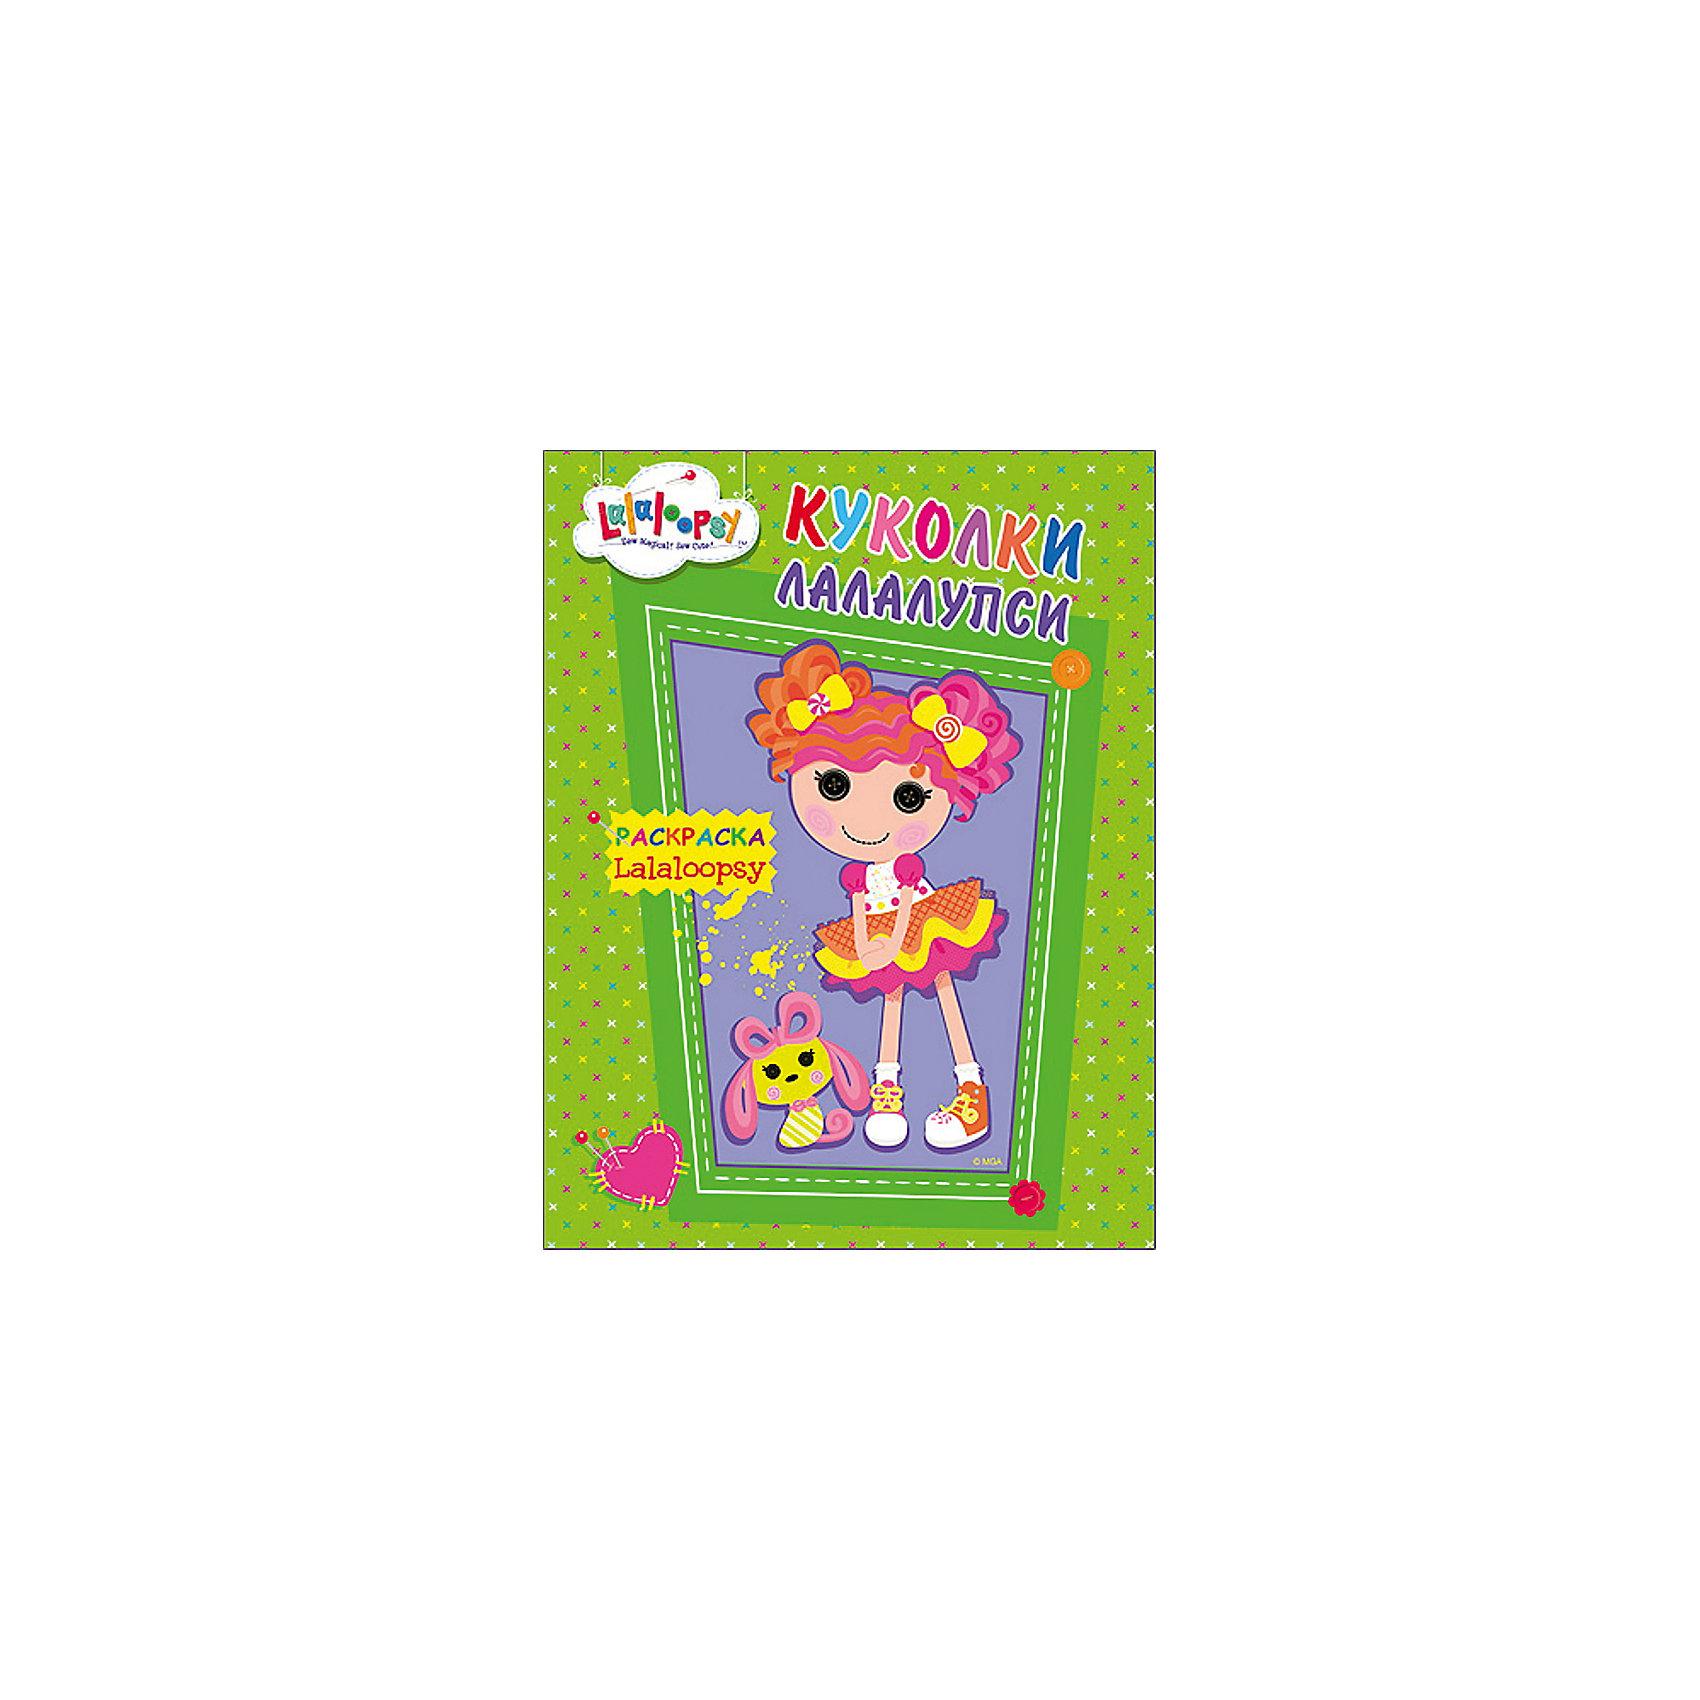 Раскраска Куколки ЛалалупсиОчаровательные куколки Лалалупси ждут тебя на страницах чудесных раскрасок! Доставай карандаши, краски, фломастеры и приготовься разукрасить волшебный мир,  полный веселых историй!<br><br>Дополнительная информация:<br><br>Переплет: Скрепка<br>Страниц: 16<br>Формат: 205х280<br><br>Раскраску Куколки Лалалупси можно купить в нашем магазине.<br><br>Ширина мм: 205<br>Глубина мм: 2<br>Высота мм: 280<br>Вес г: 56<br>Возраст от месяцев: 12<br>Возраст до месяцев: 60<br>Пол: Женский<br>Возраст: Детский<br>SKU: 4347273